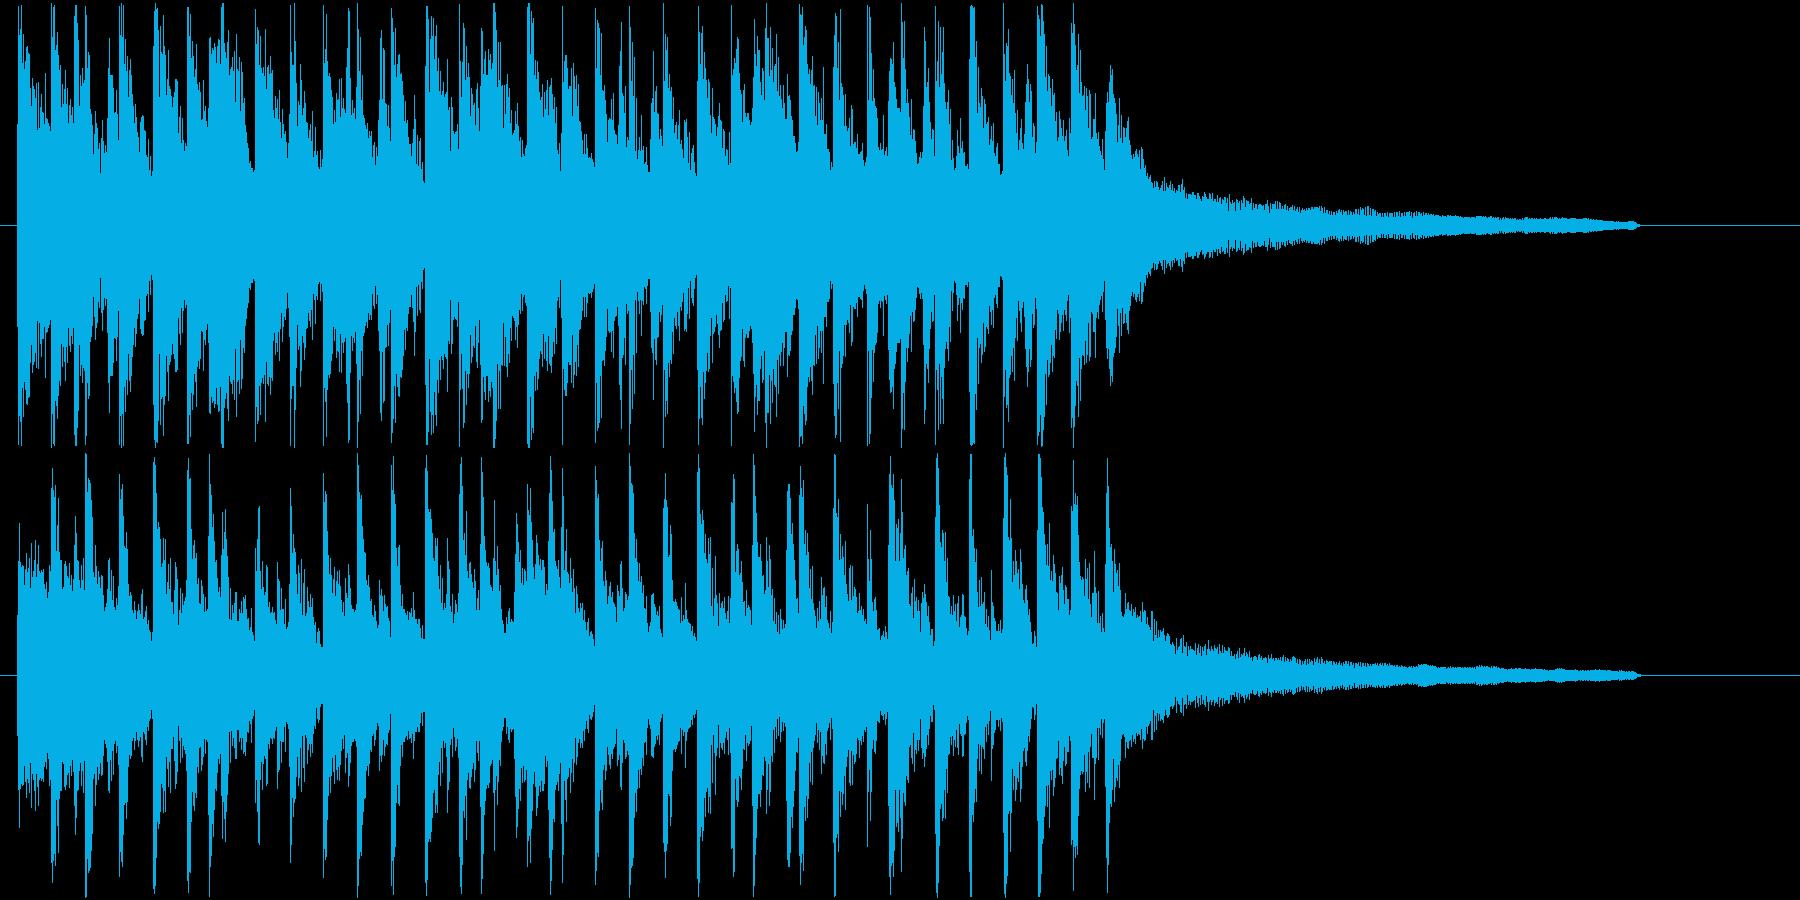 流行りのポップでハッピーなサウンドロゴ♪の再生済みの波形